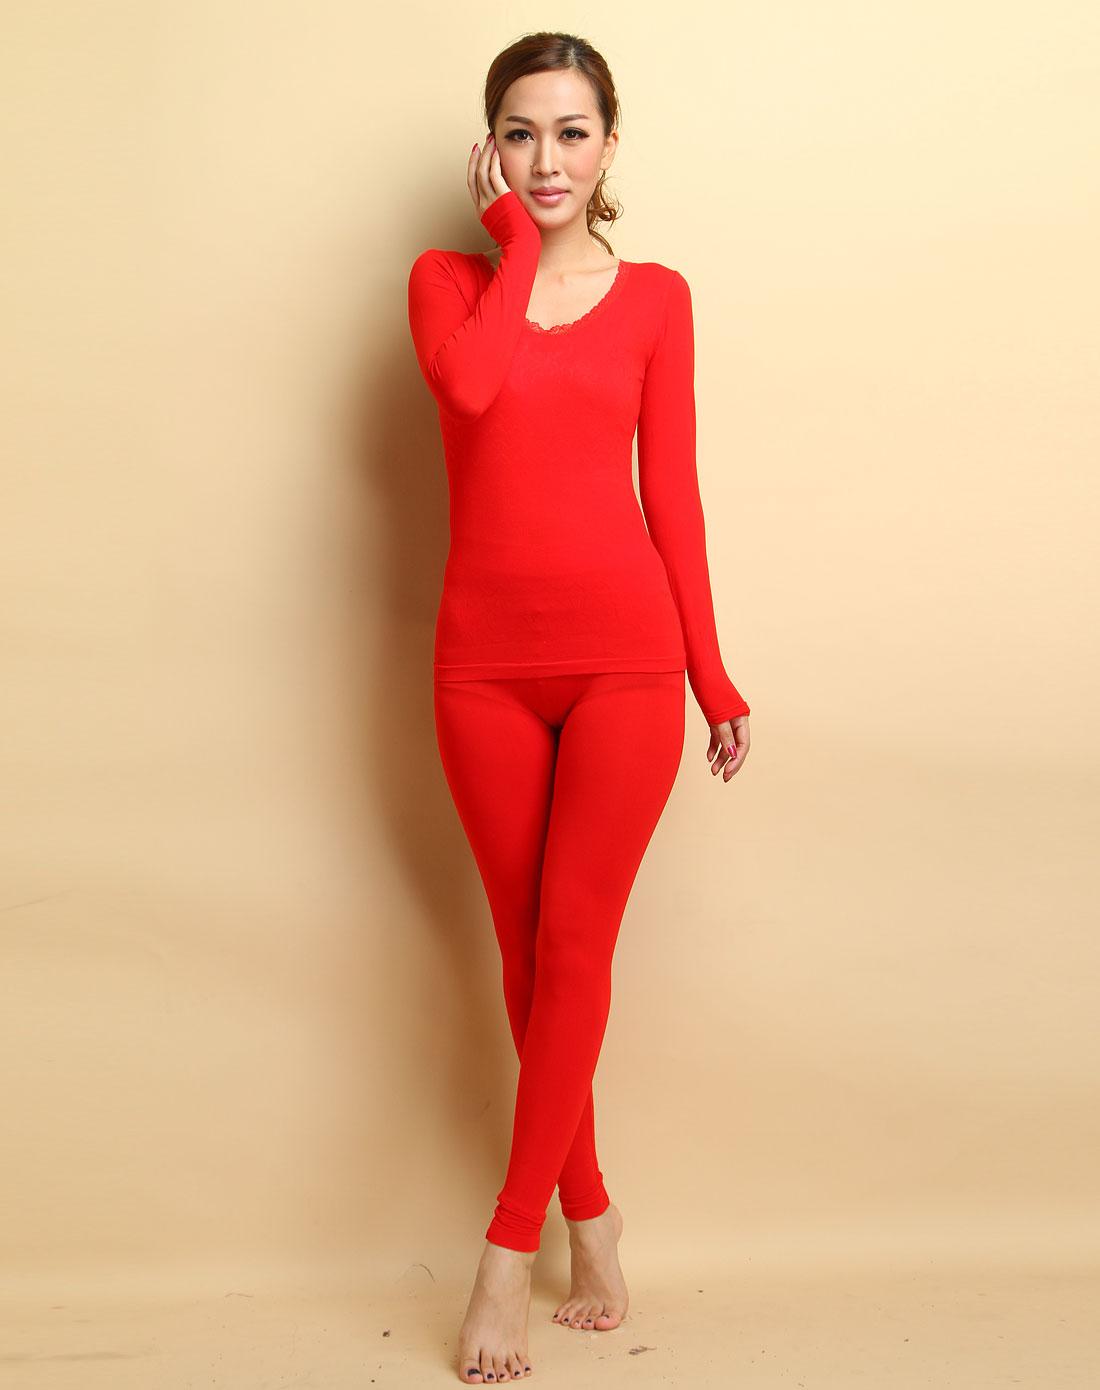 女款大紅色長袖美體內衣套裝圖片